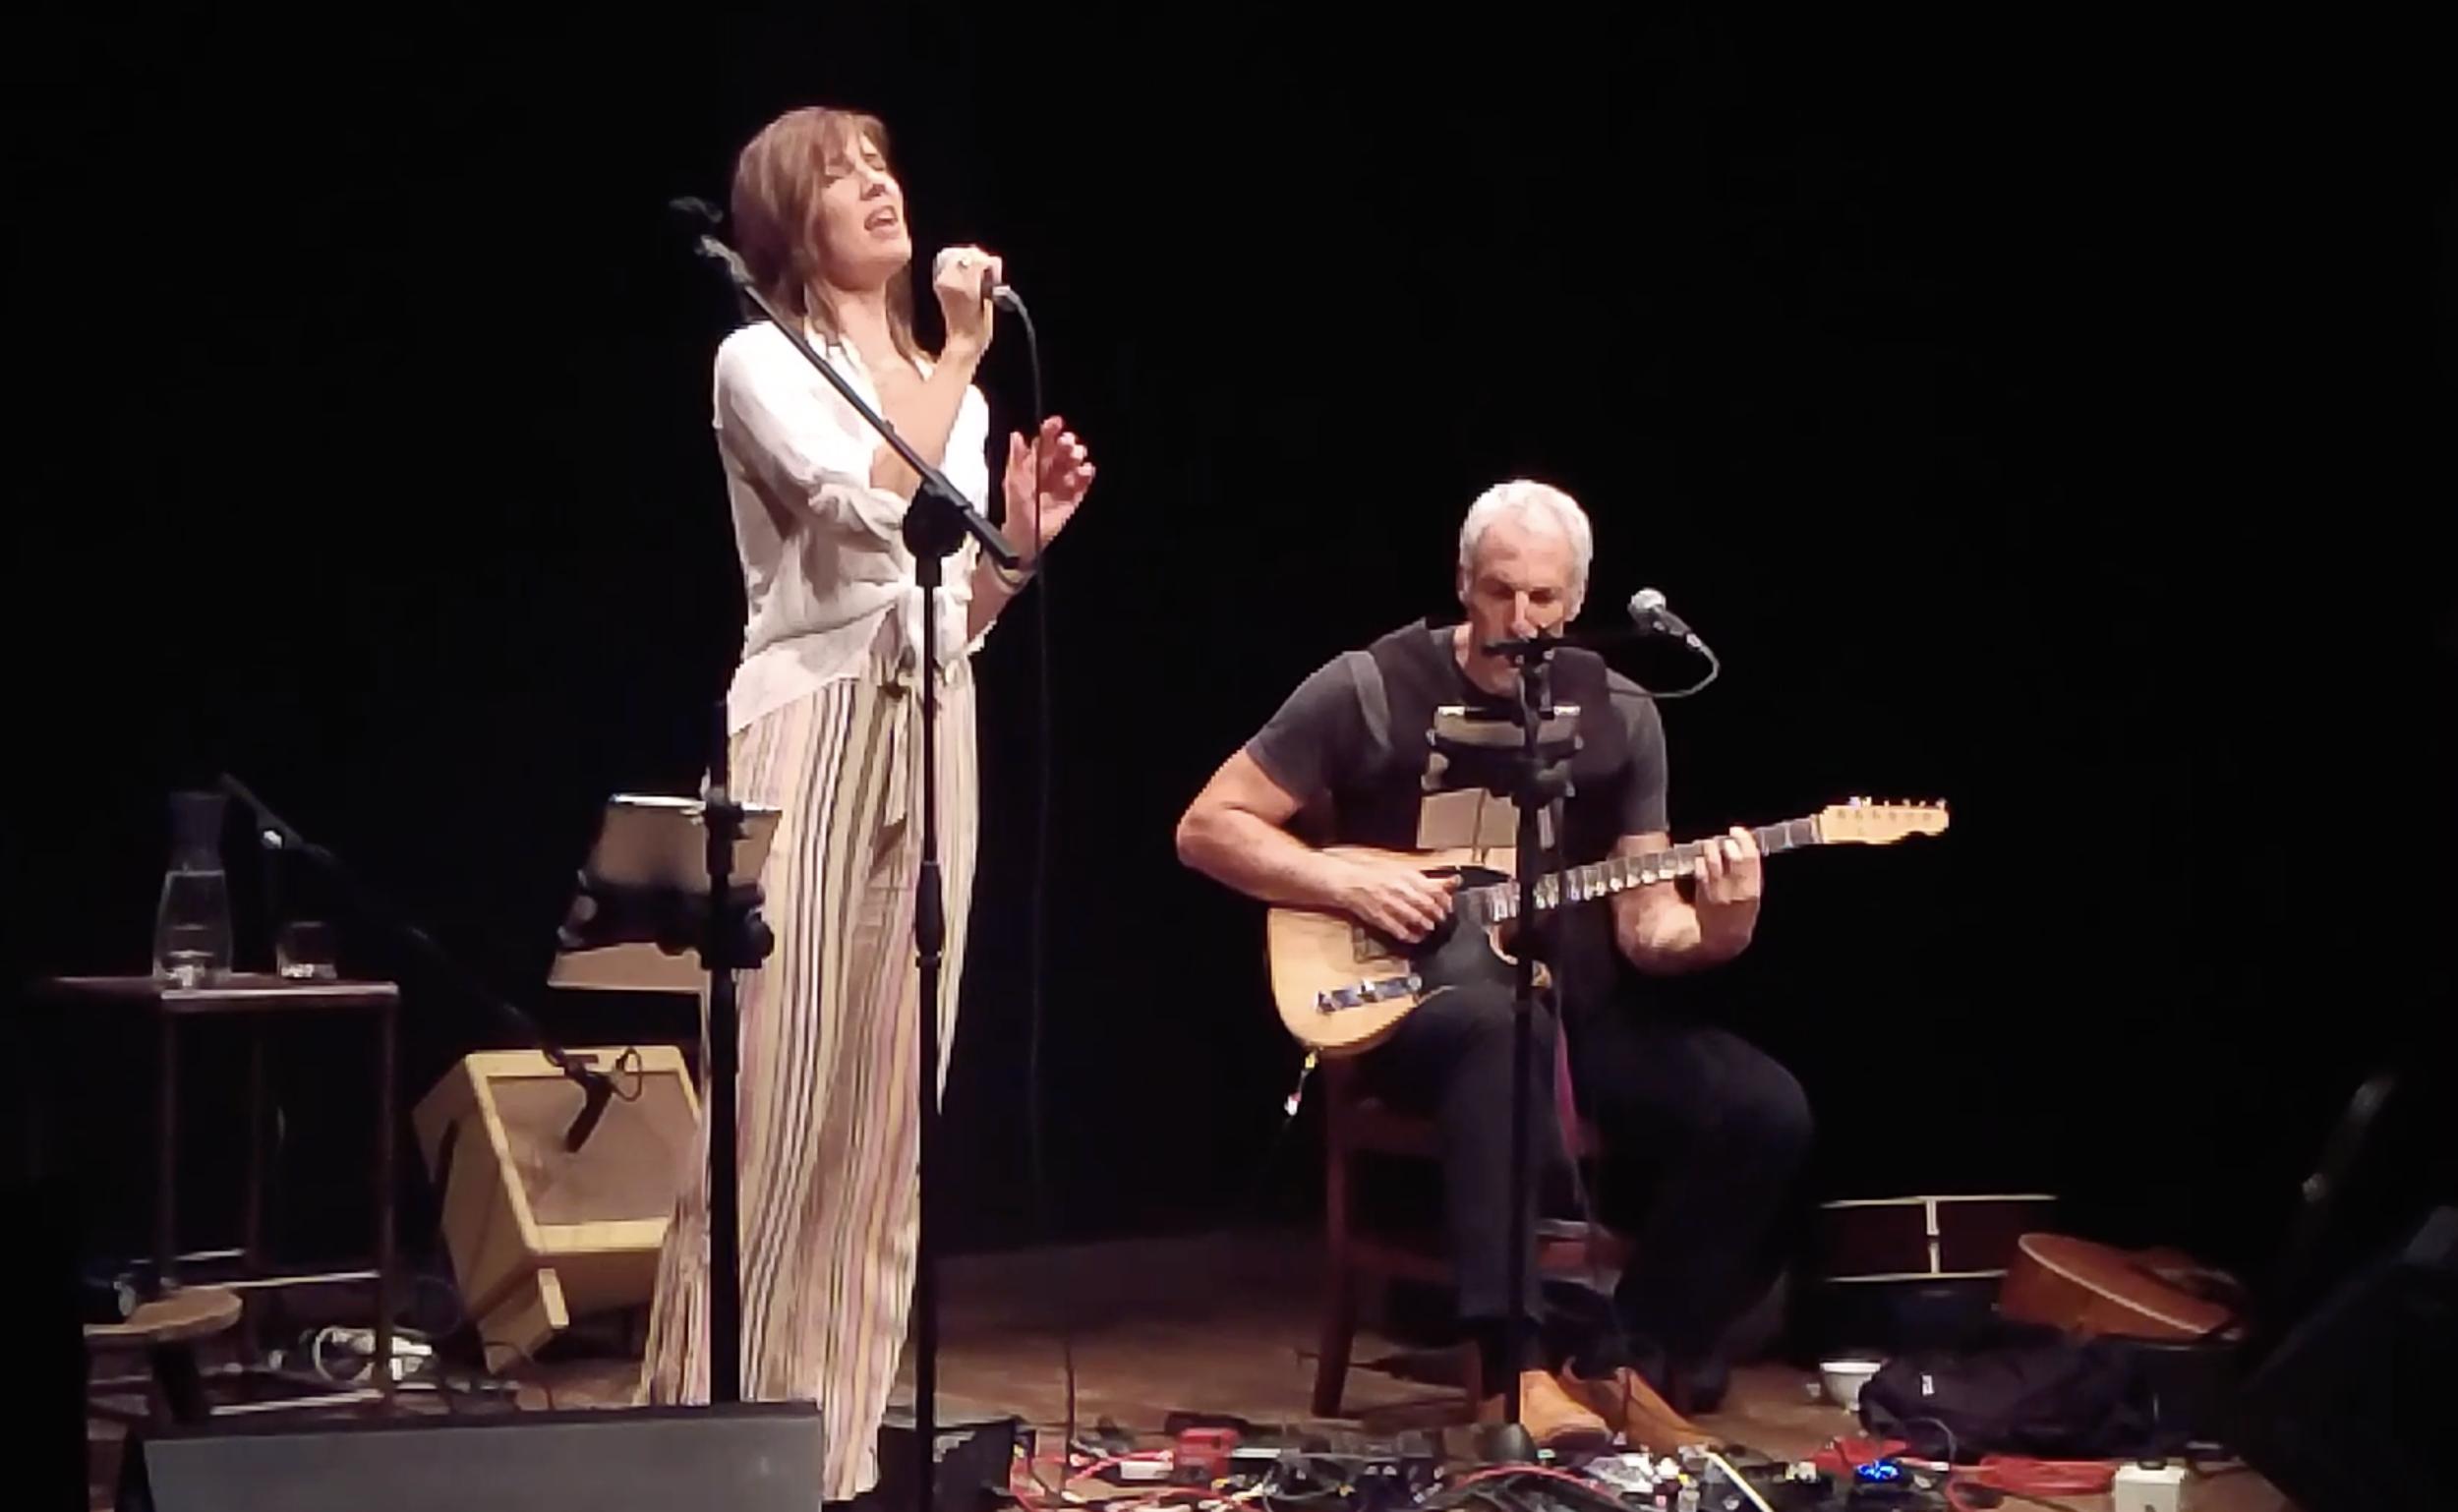 Jeff Pevar & Inger Nova. Duet concert. Teatro Del Sale, Florence, Italy. 2018.